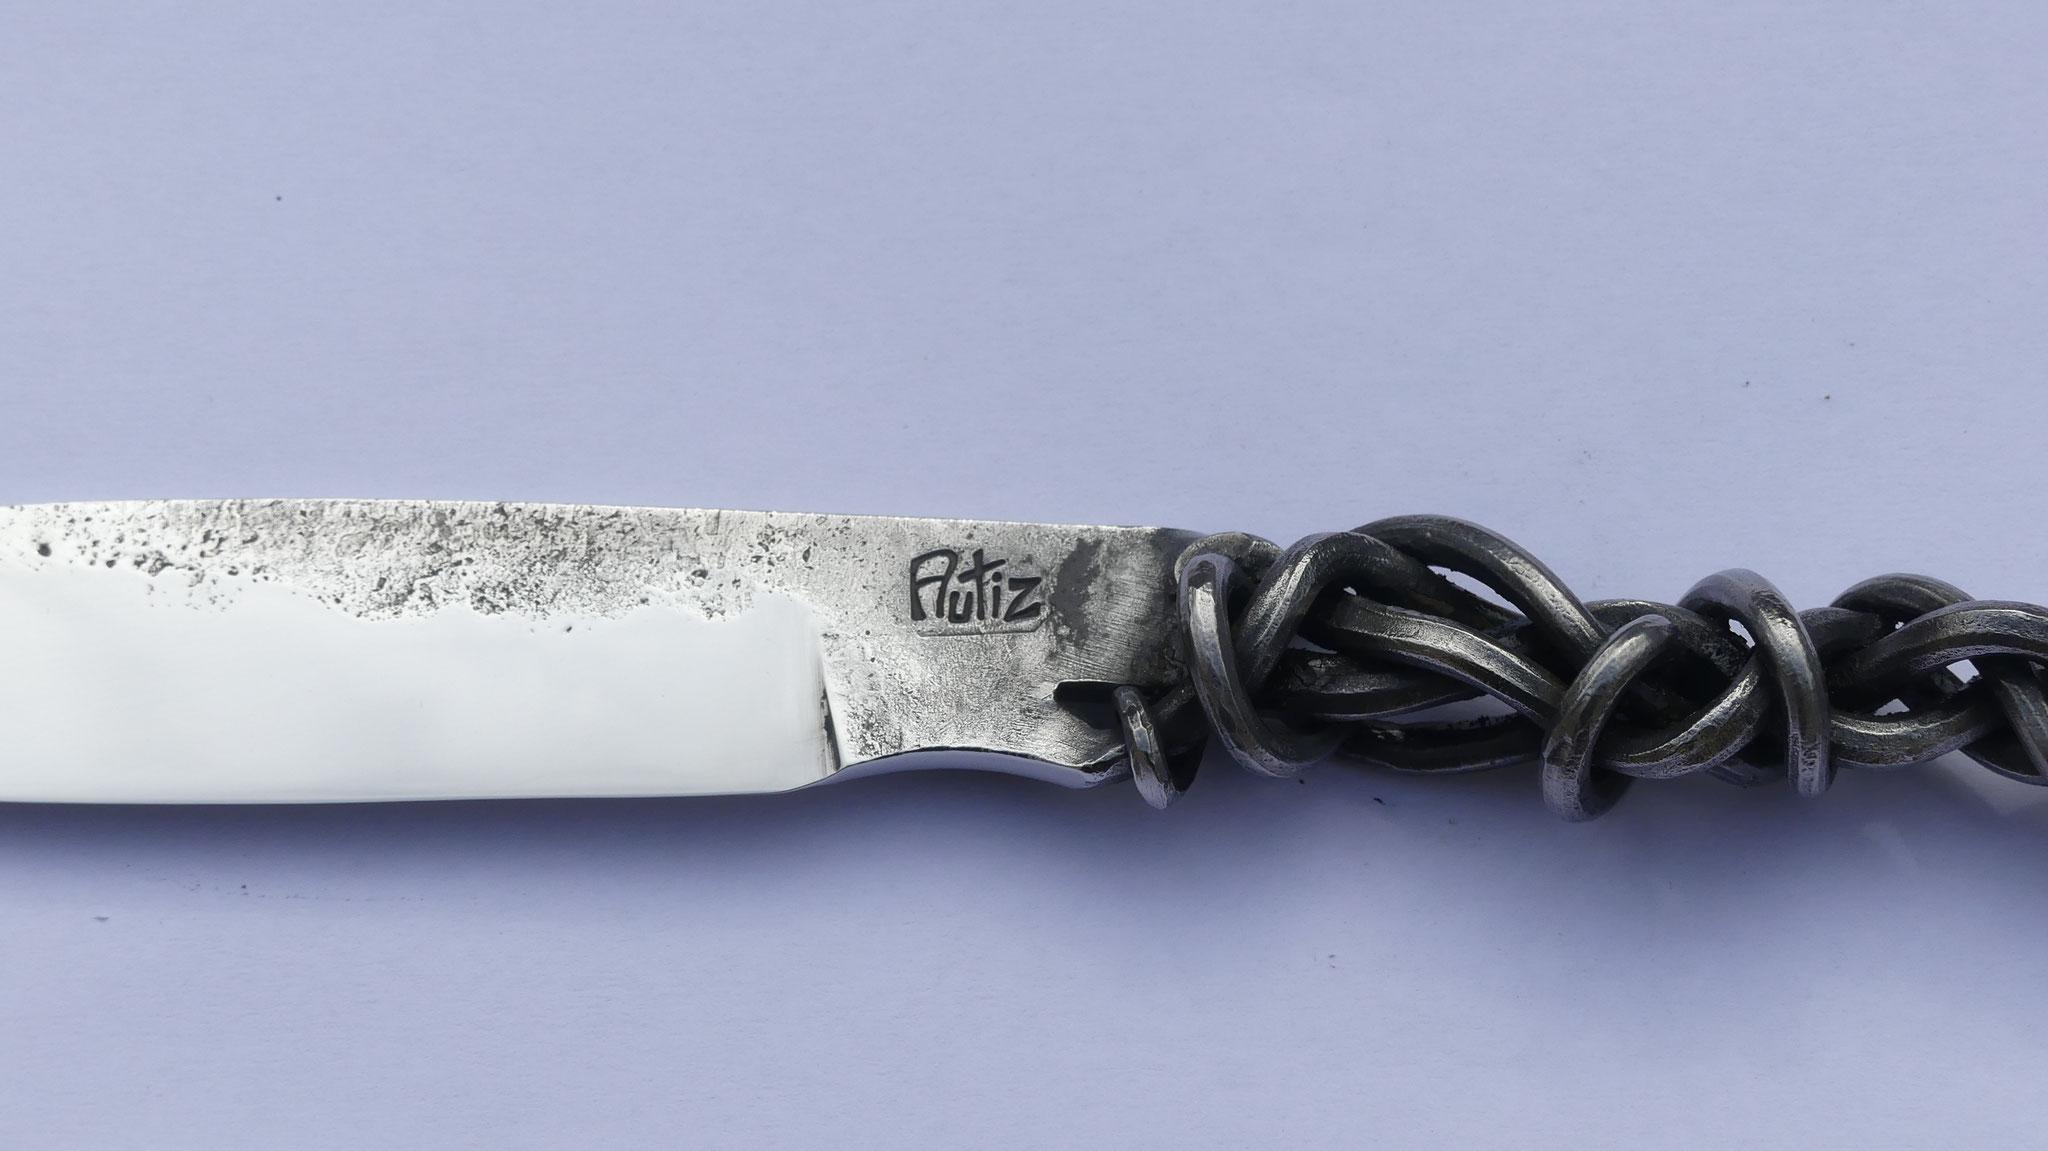 chaque couteau forgé  de la Coutellerie du Marais est frappé de mon logo AUTIZ